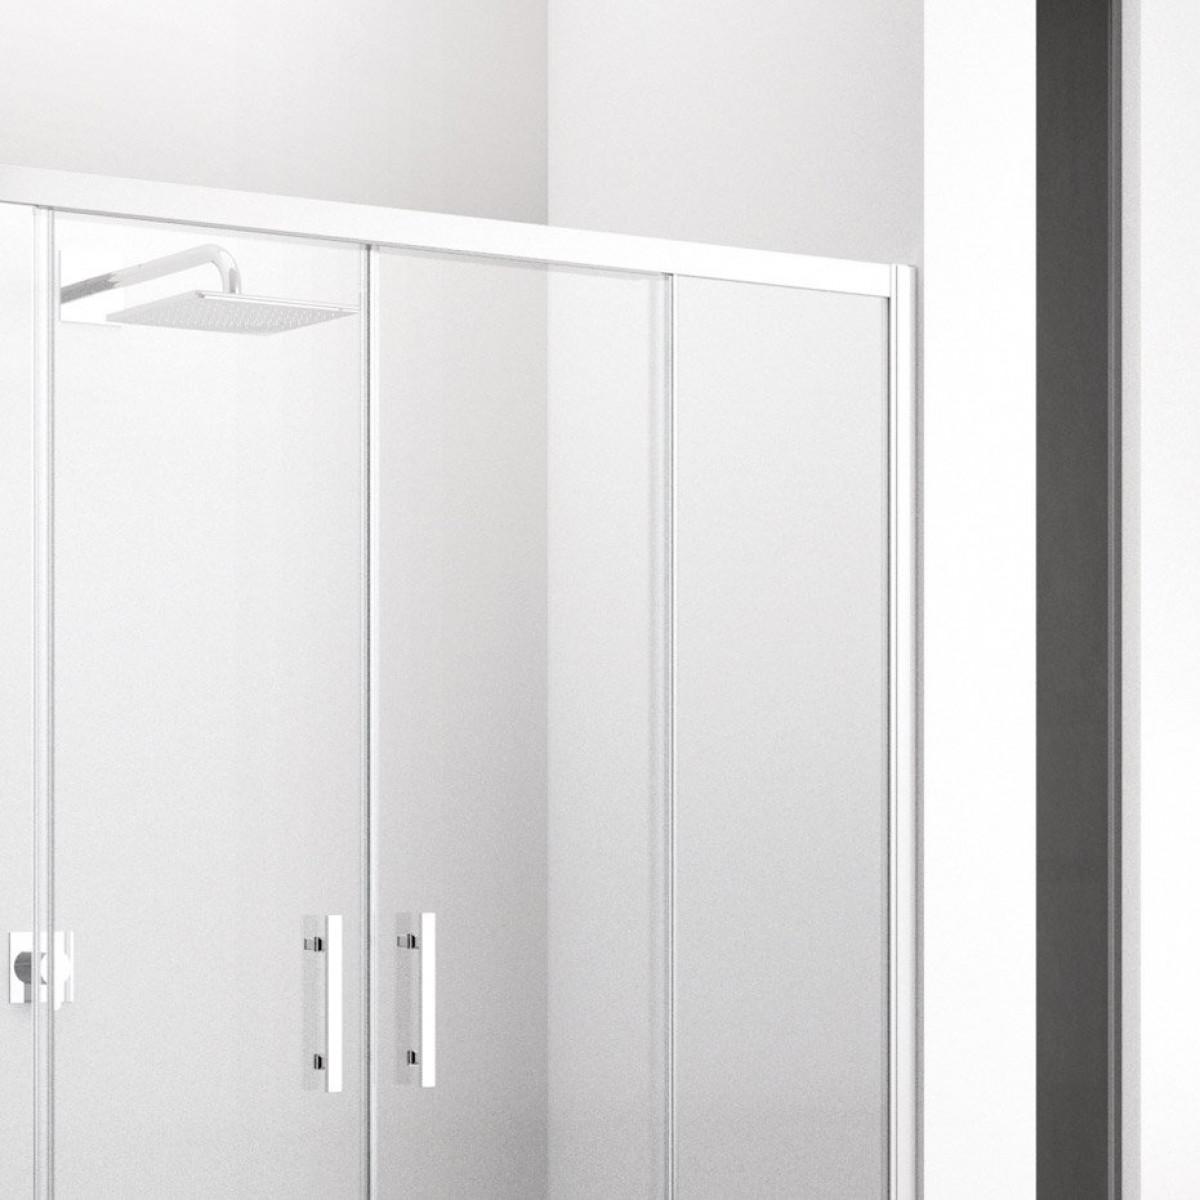 Novellini zephyros 2a sliding shower doors 1760 1820mm for Novellini shower doors